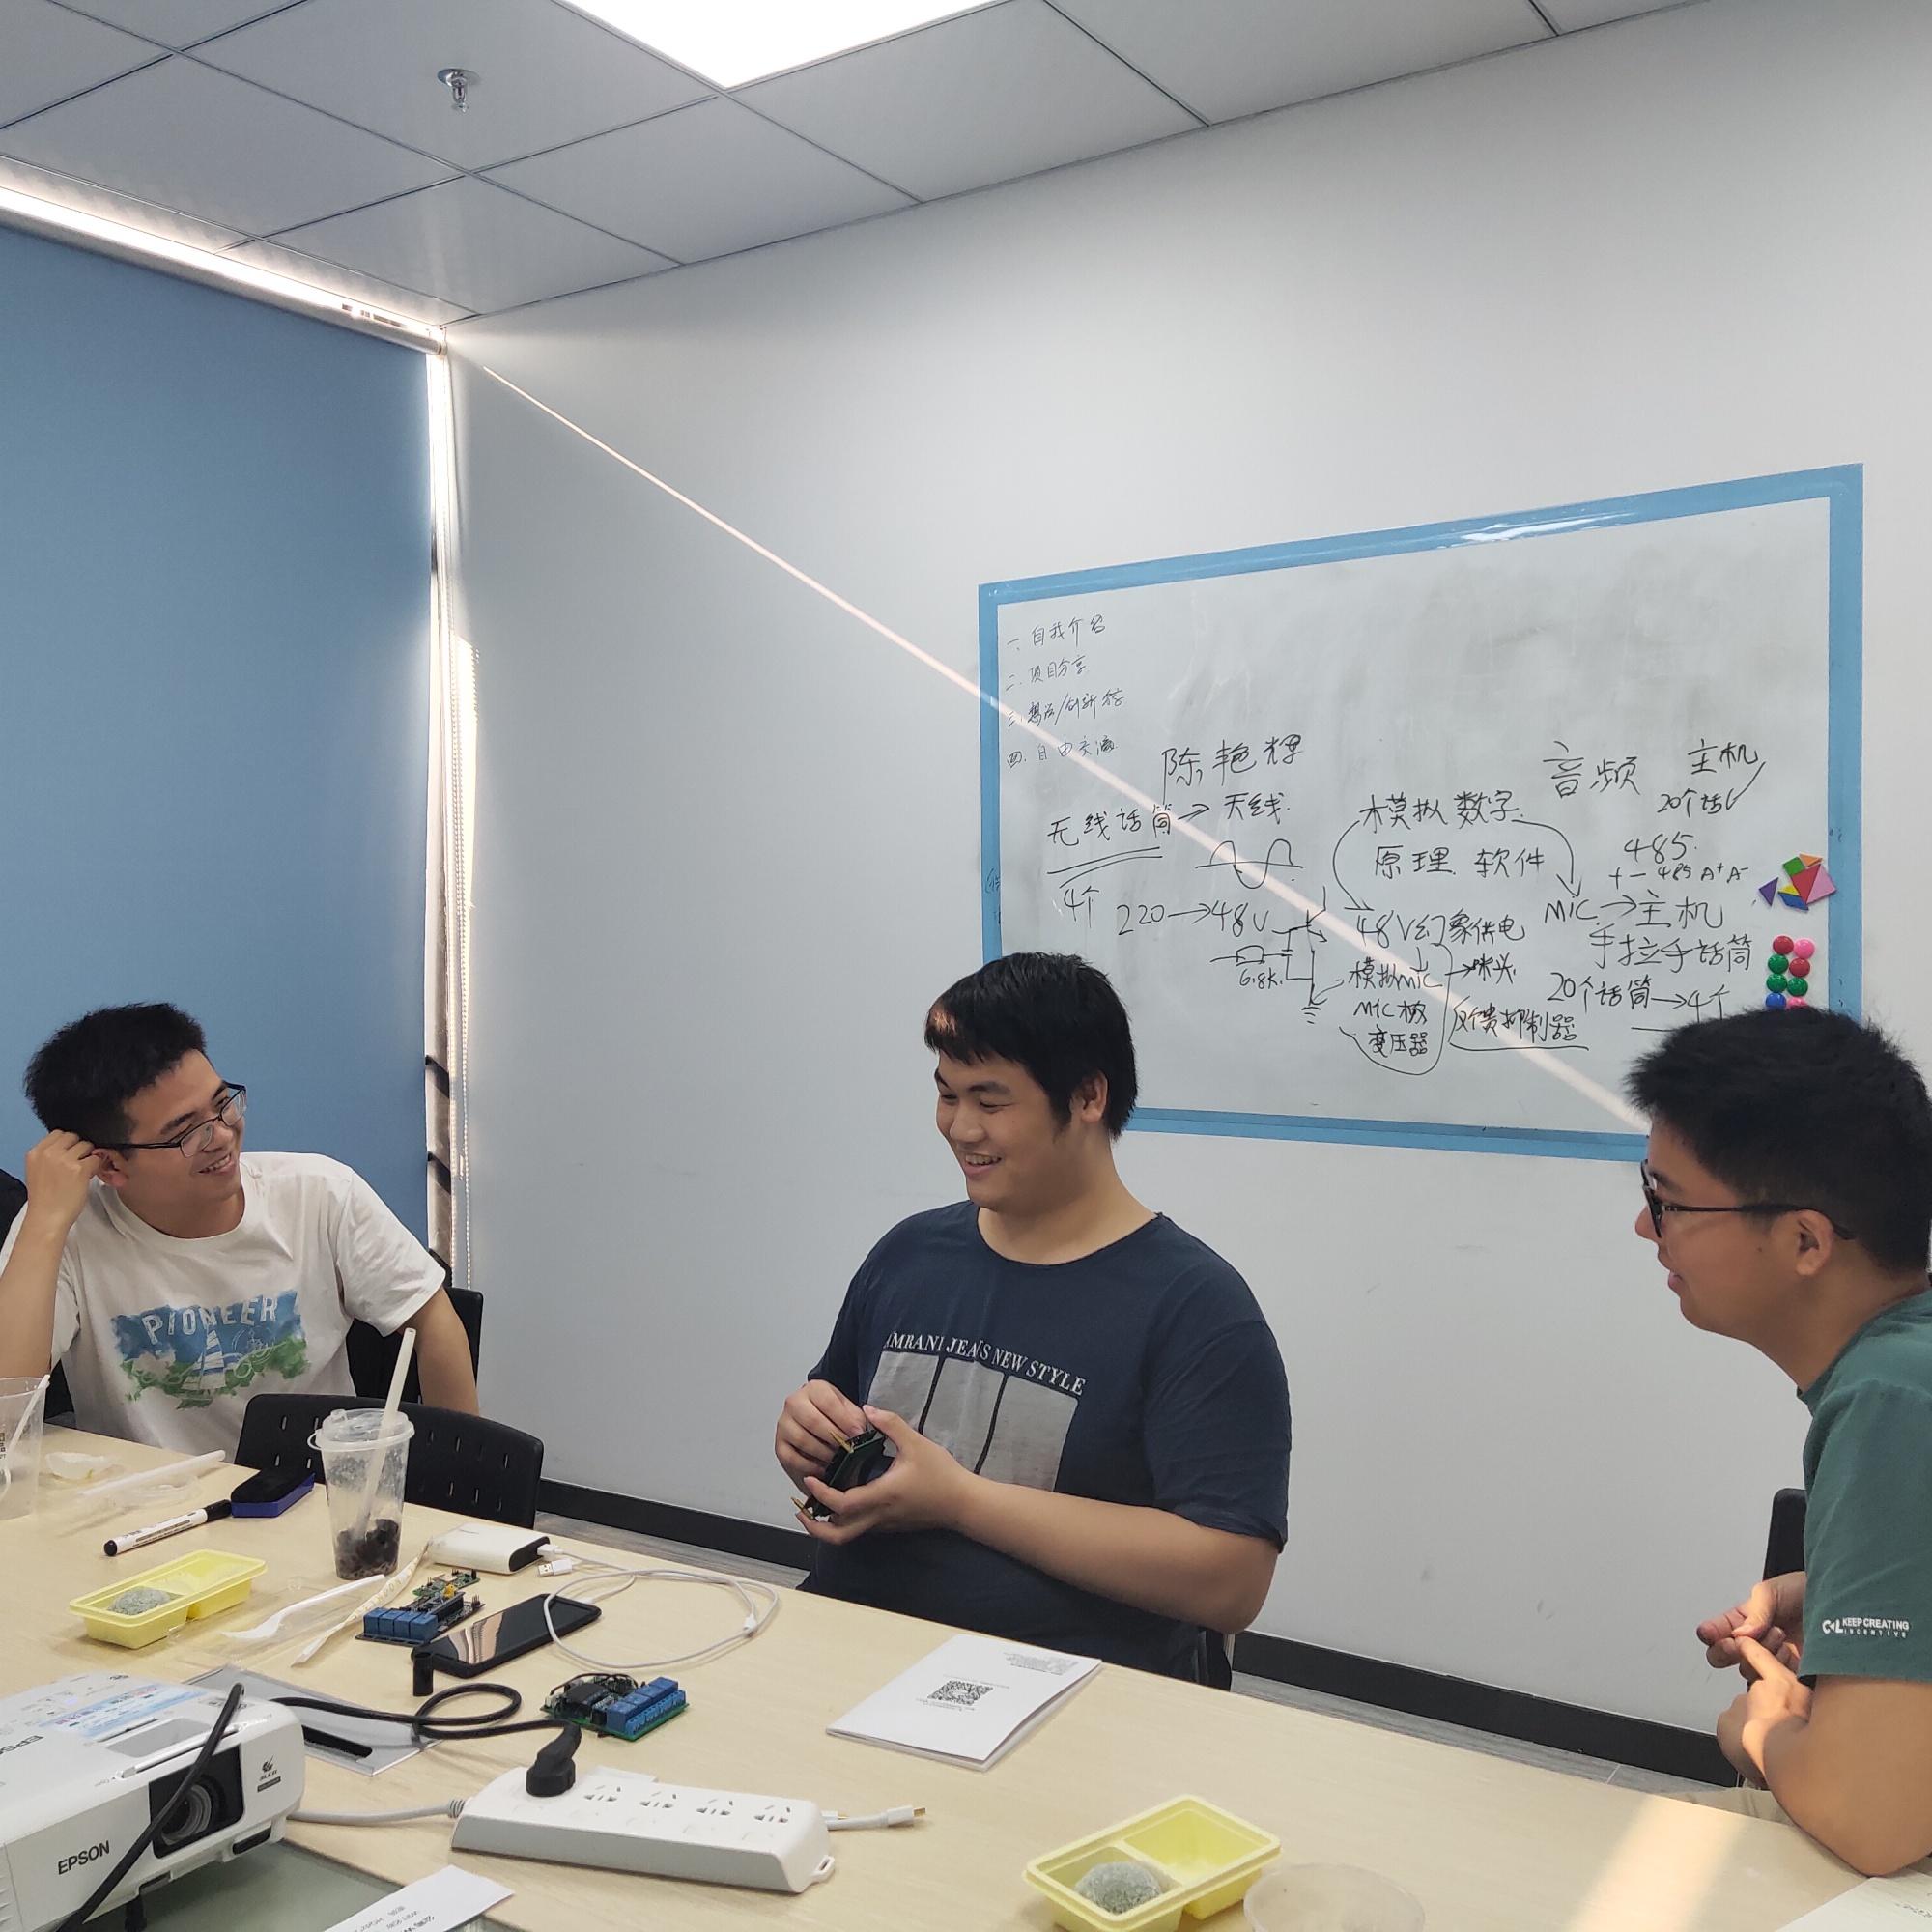 【电子工程师线下沙龙第一场】数字会议话筒与模拟话筒的介绍